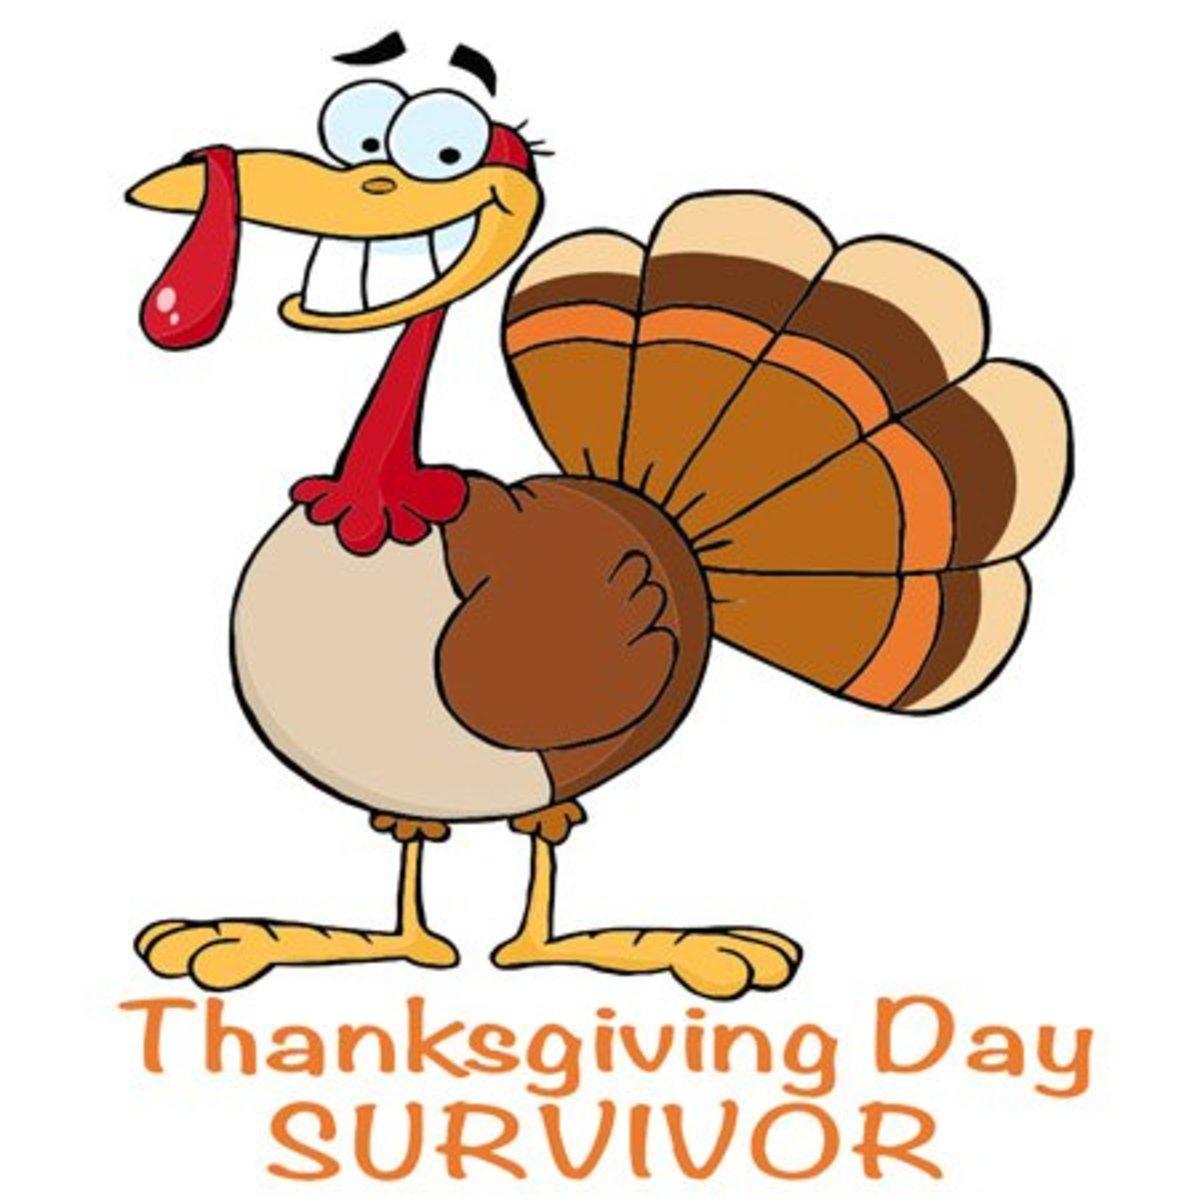 Thanksgiving Day Survivor Turkey